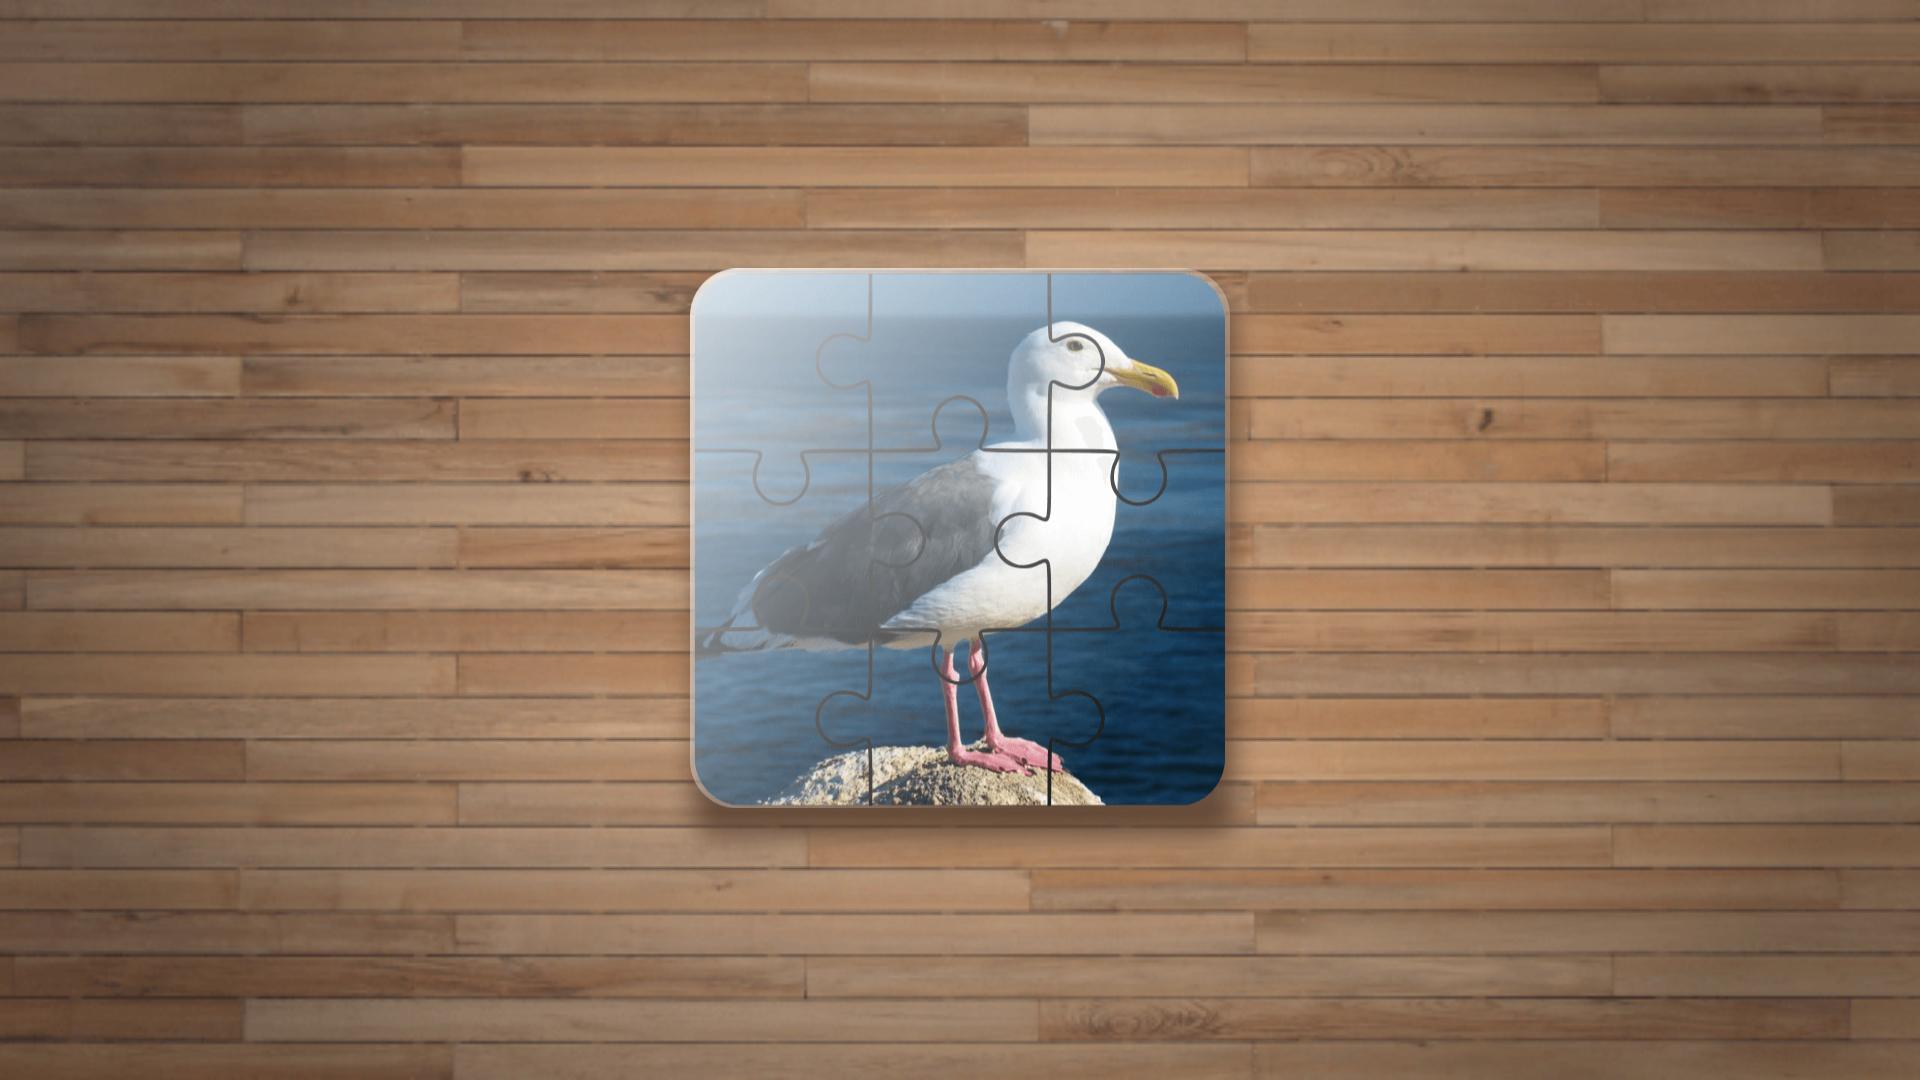 Jeux De Puzzle Oiseaux Gratuit Pour Android - Téléchargez L'apk destiné Jeux De Oiseau Gratuit